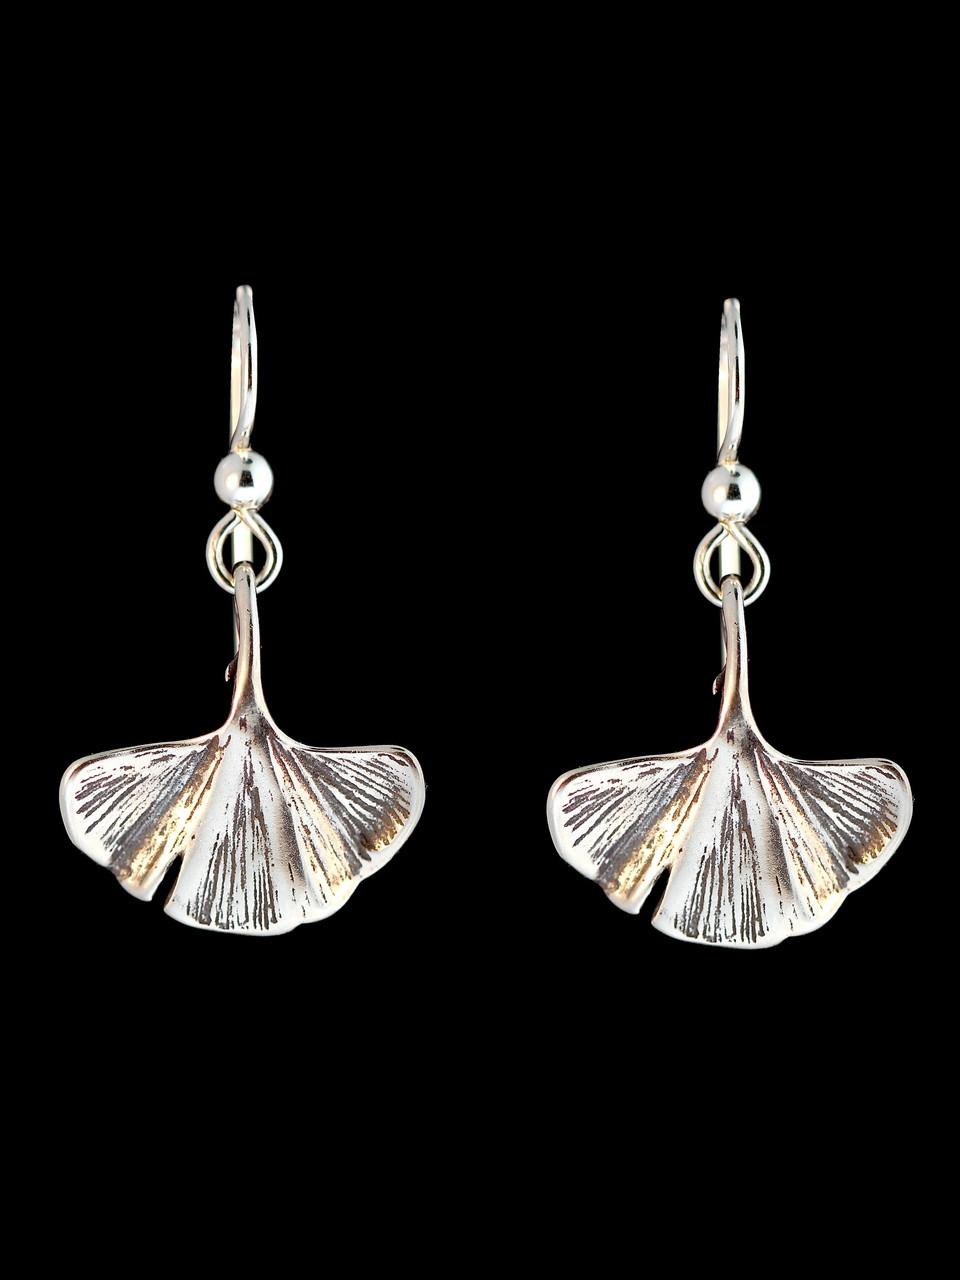 5727fd173 Okinawa - Ginkgo Leaf Earrings Jewelry